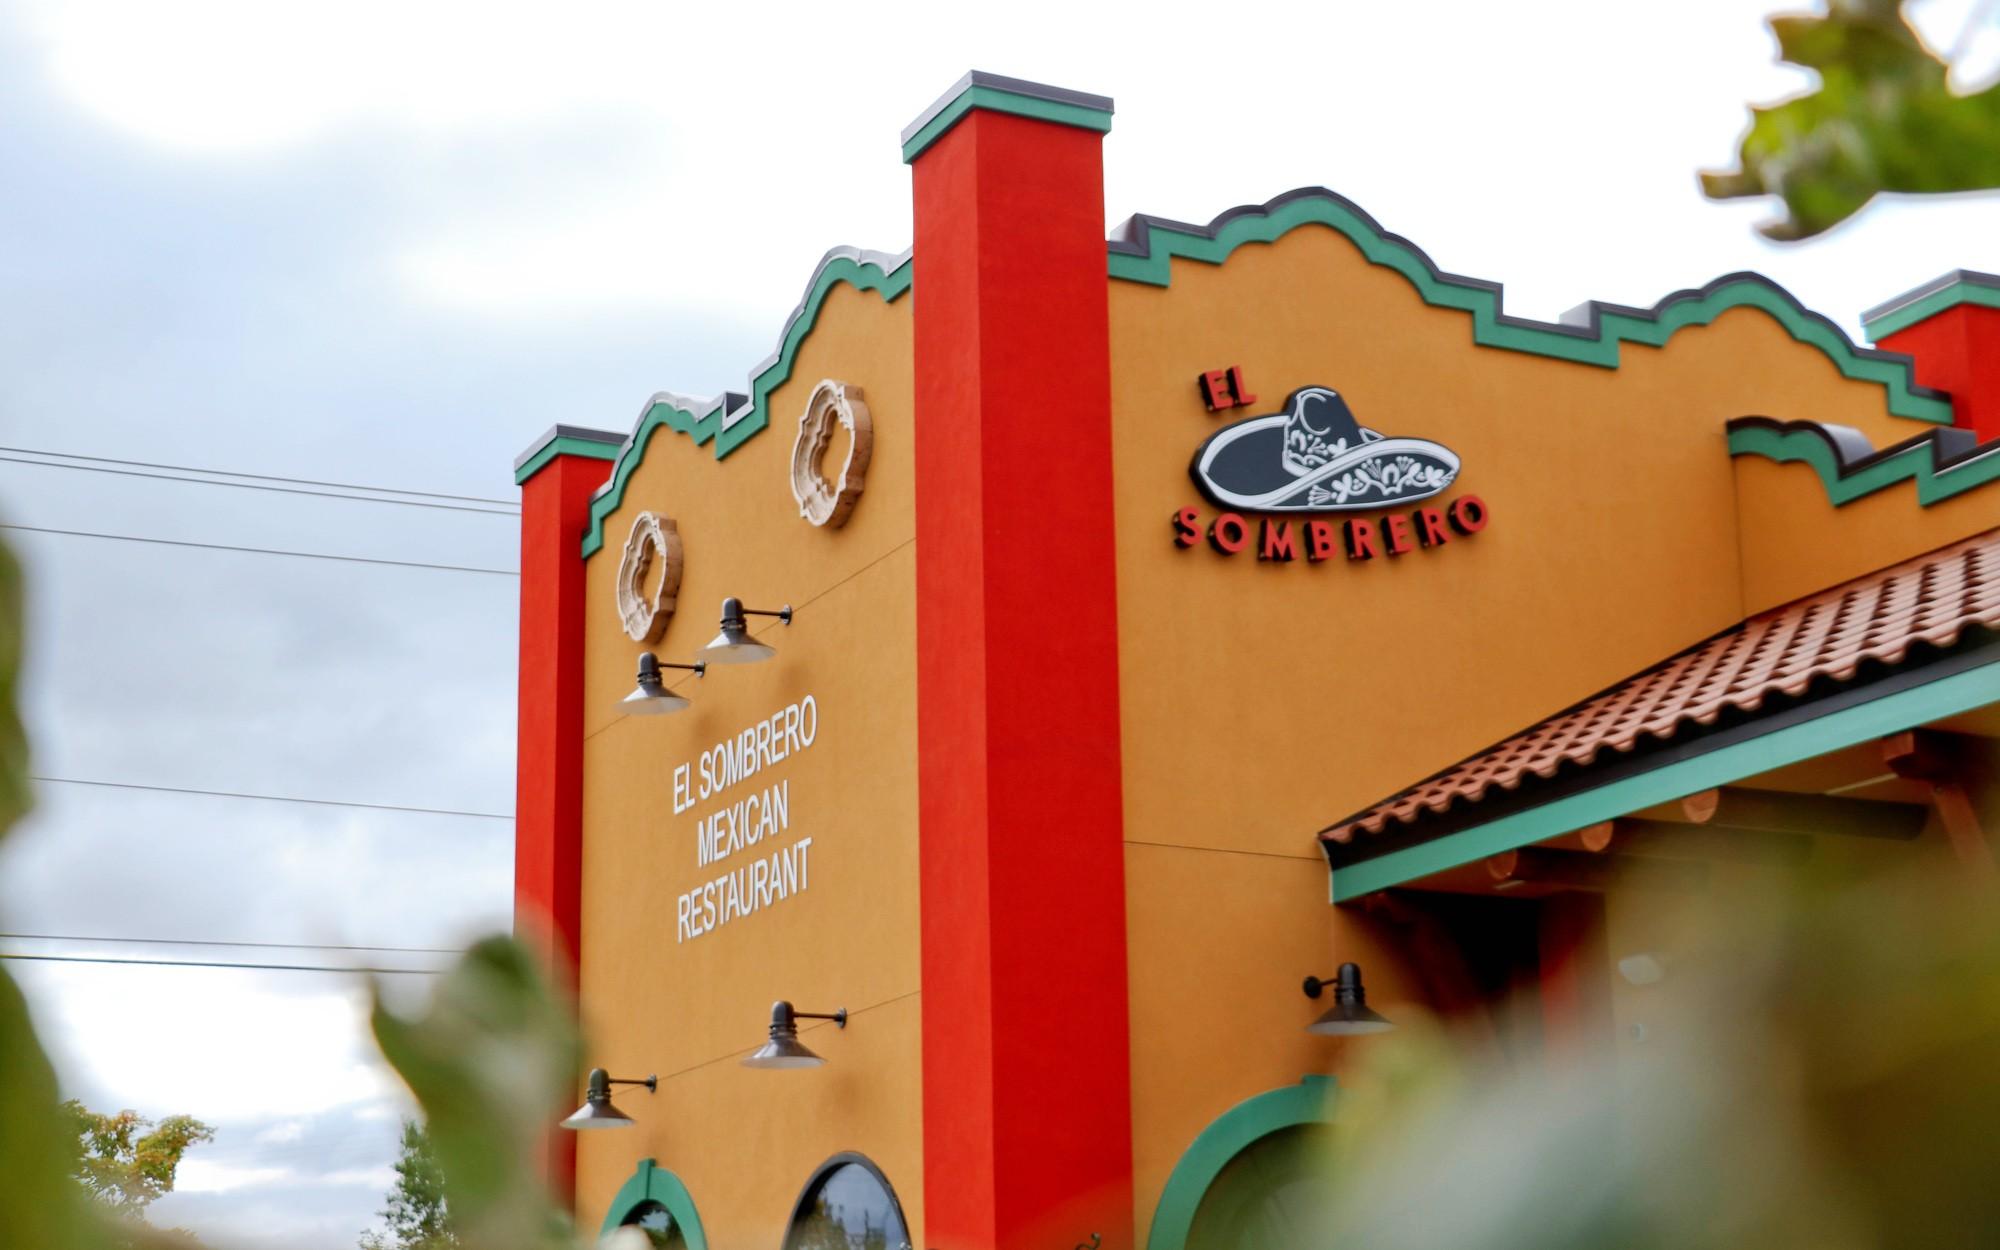 El Sombrero 2 - Eats & Drinks